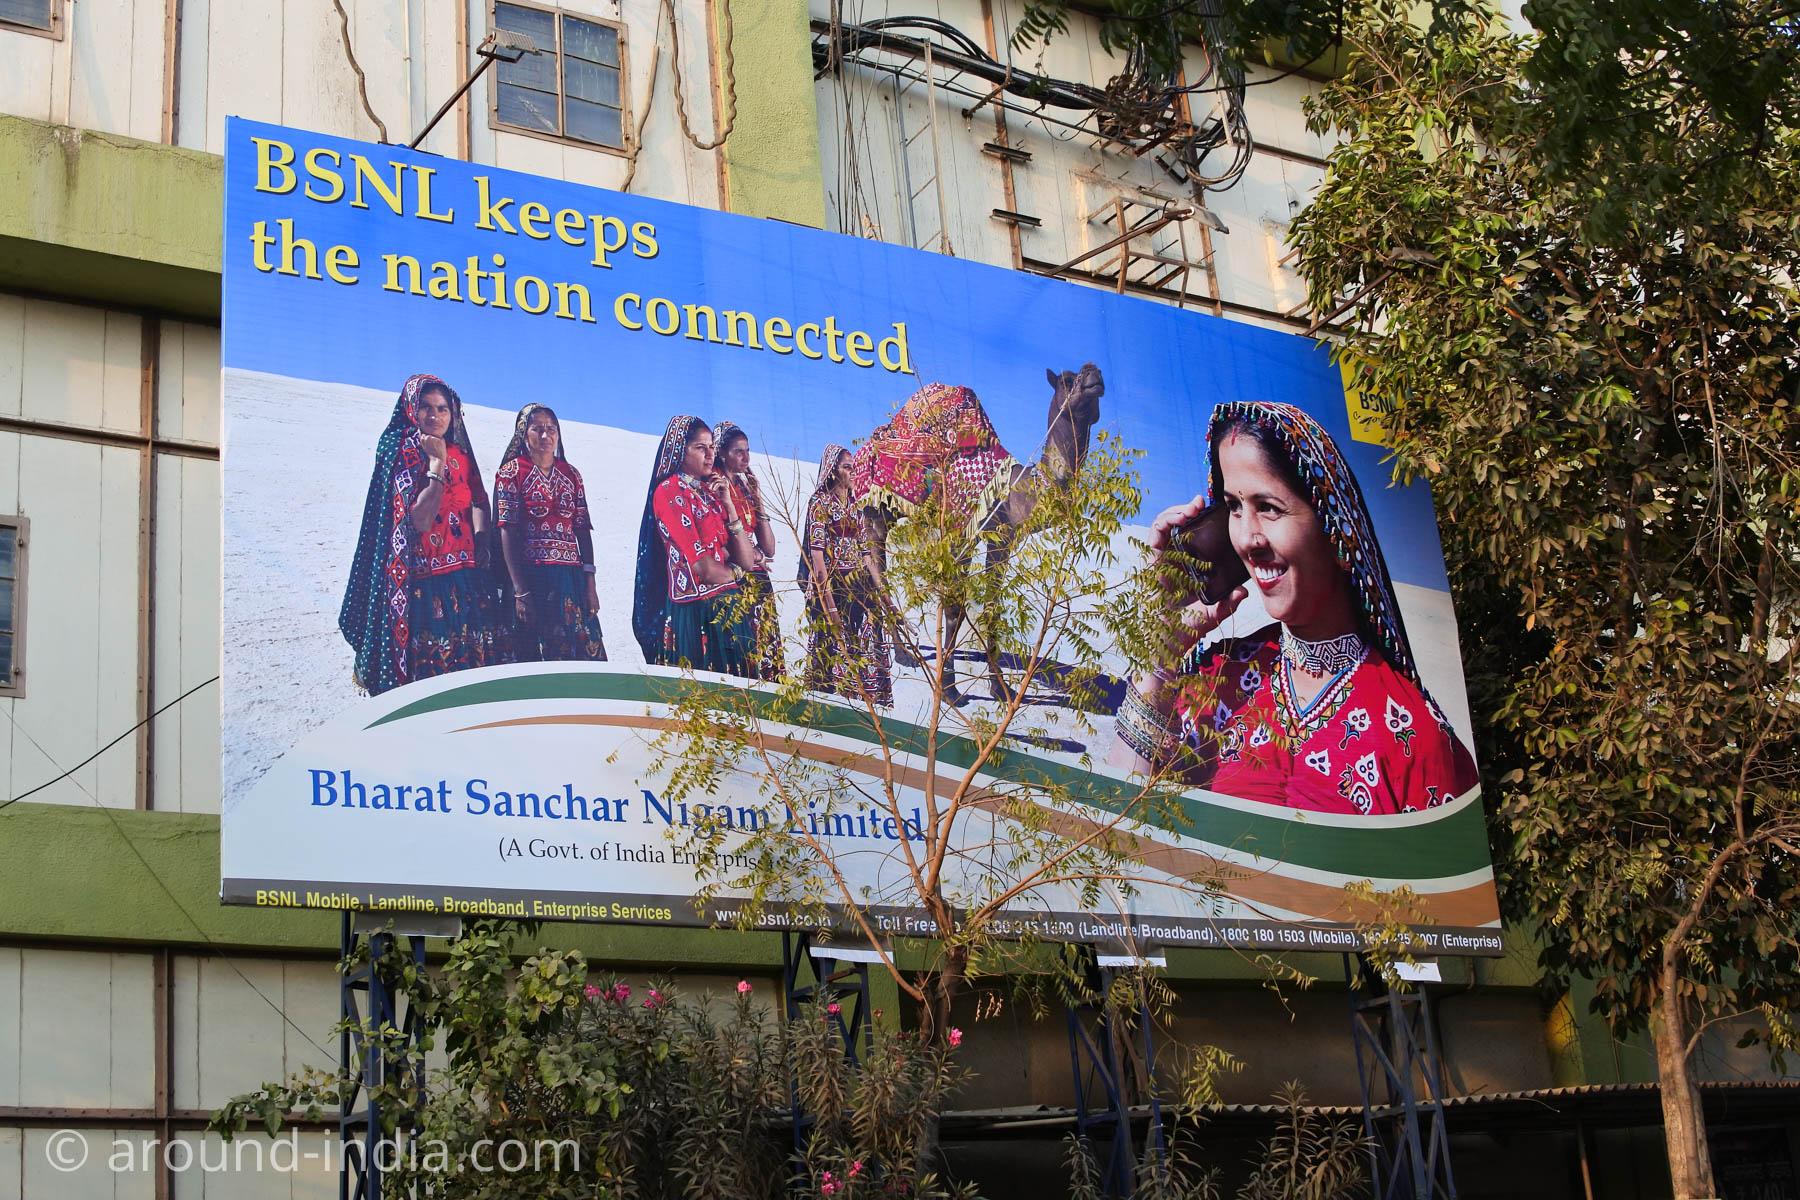 グジャラート・カッチ地方で繋がる唯一のSIM。BSNLの広告